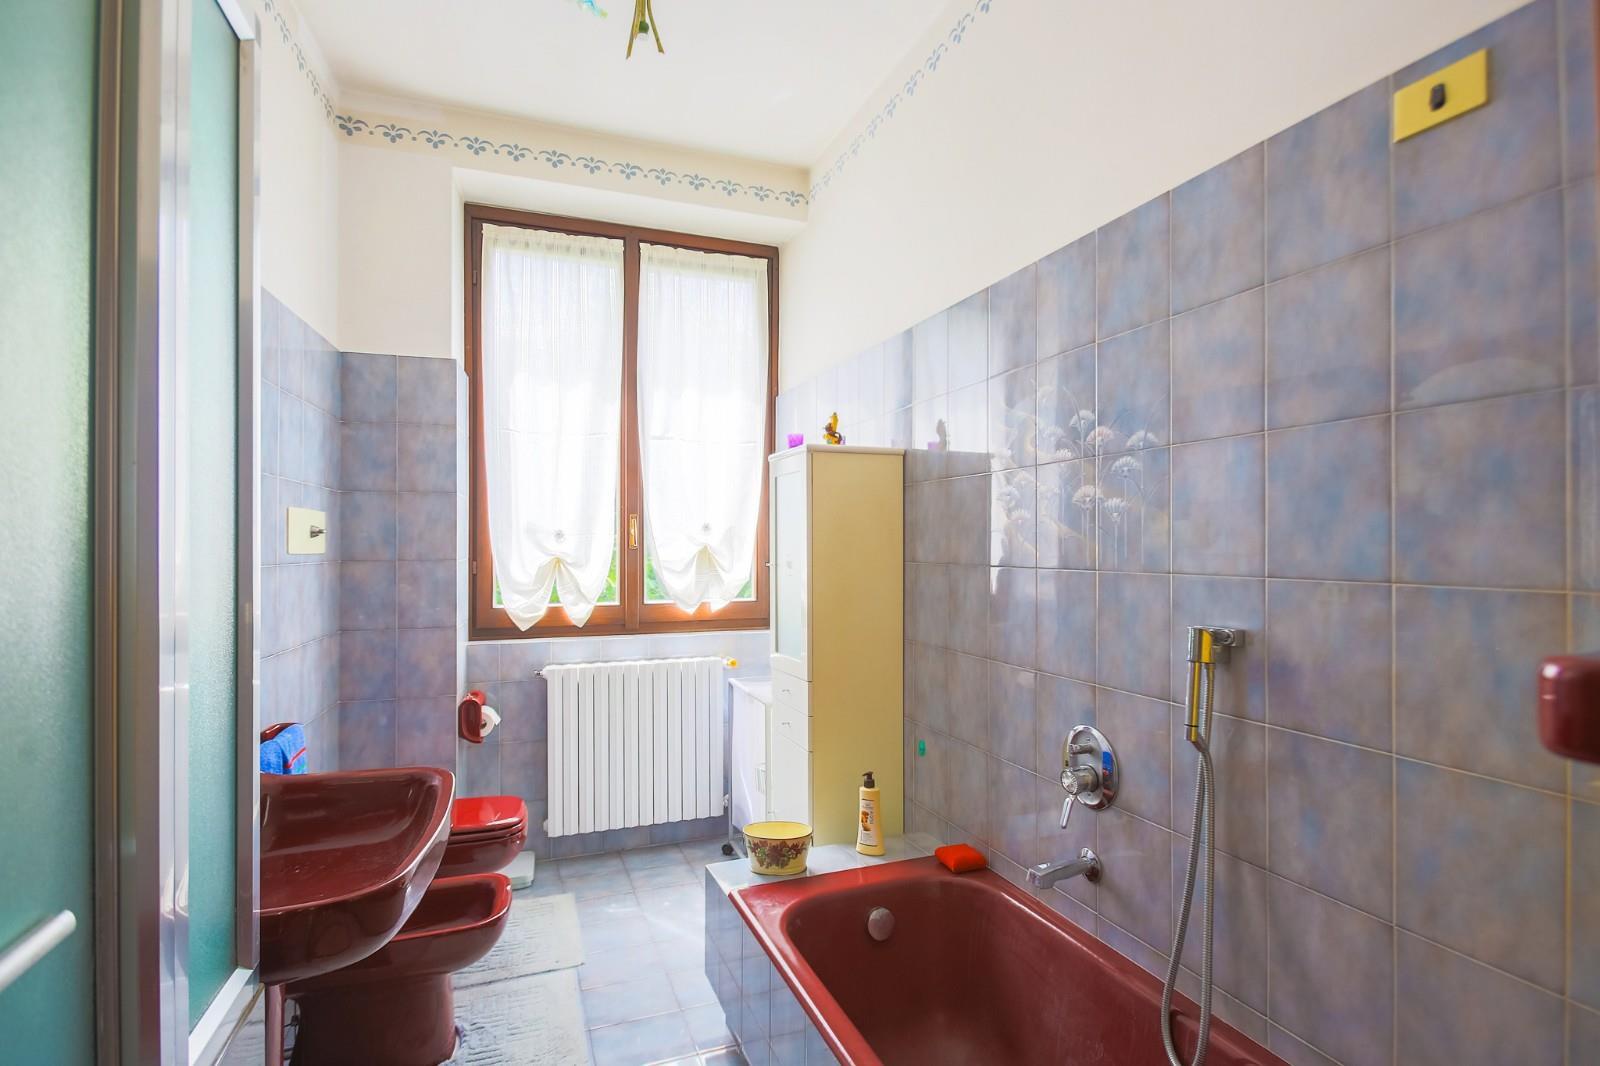 Foto 10 - Appartamento in Vendita - Verano Brianza (Monza e Brianza)